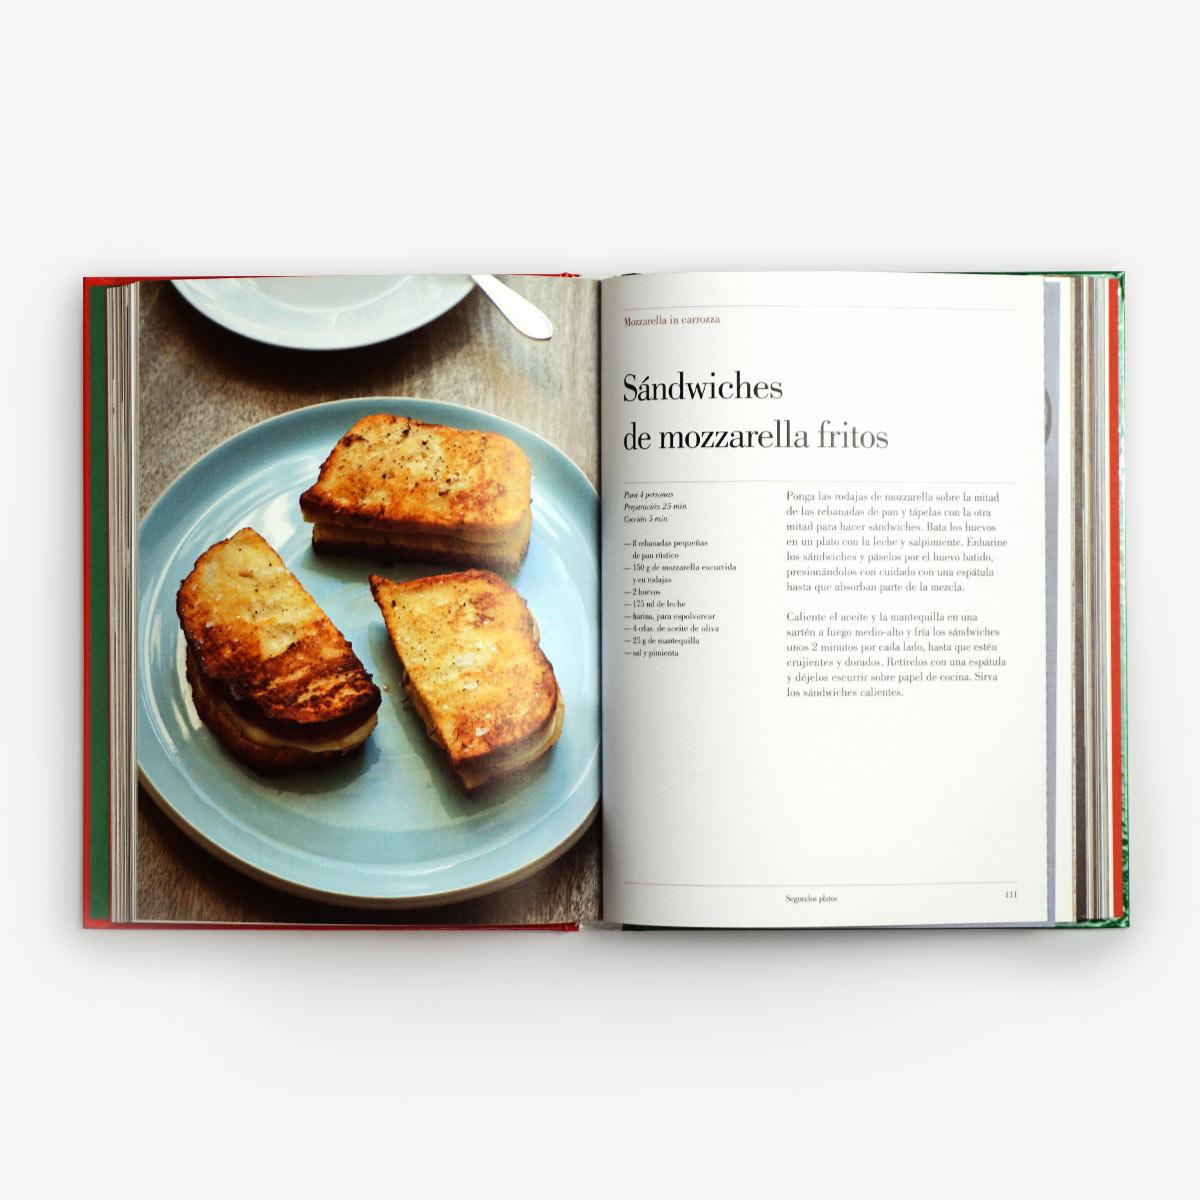 Interior libro recetas italianas